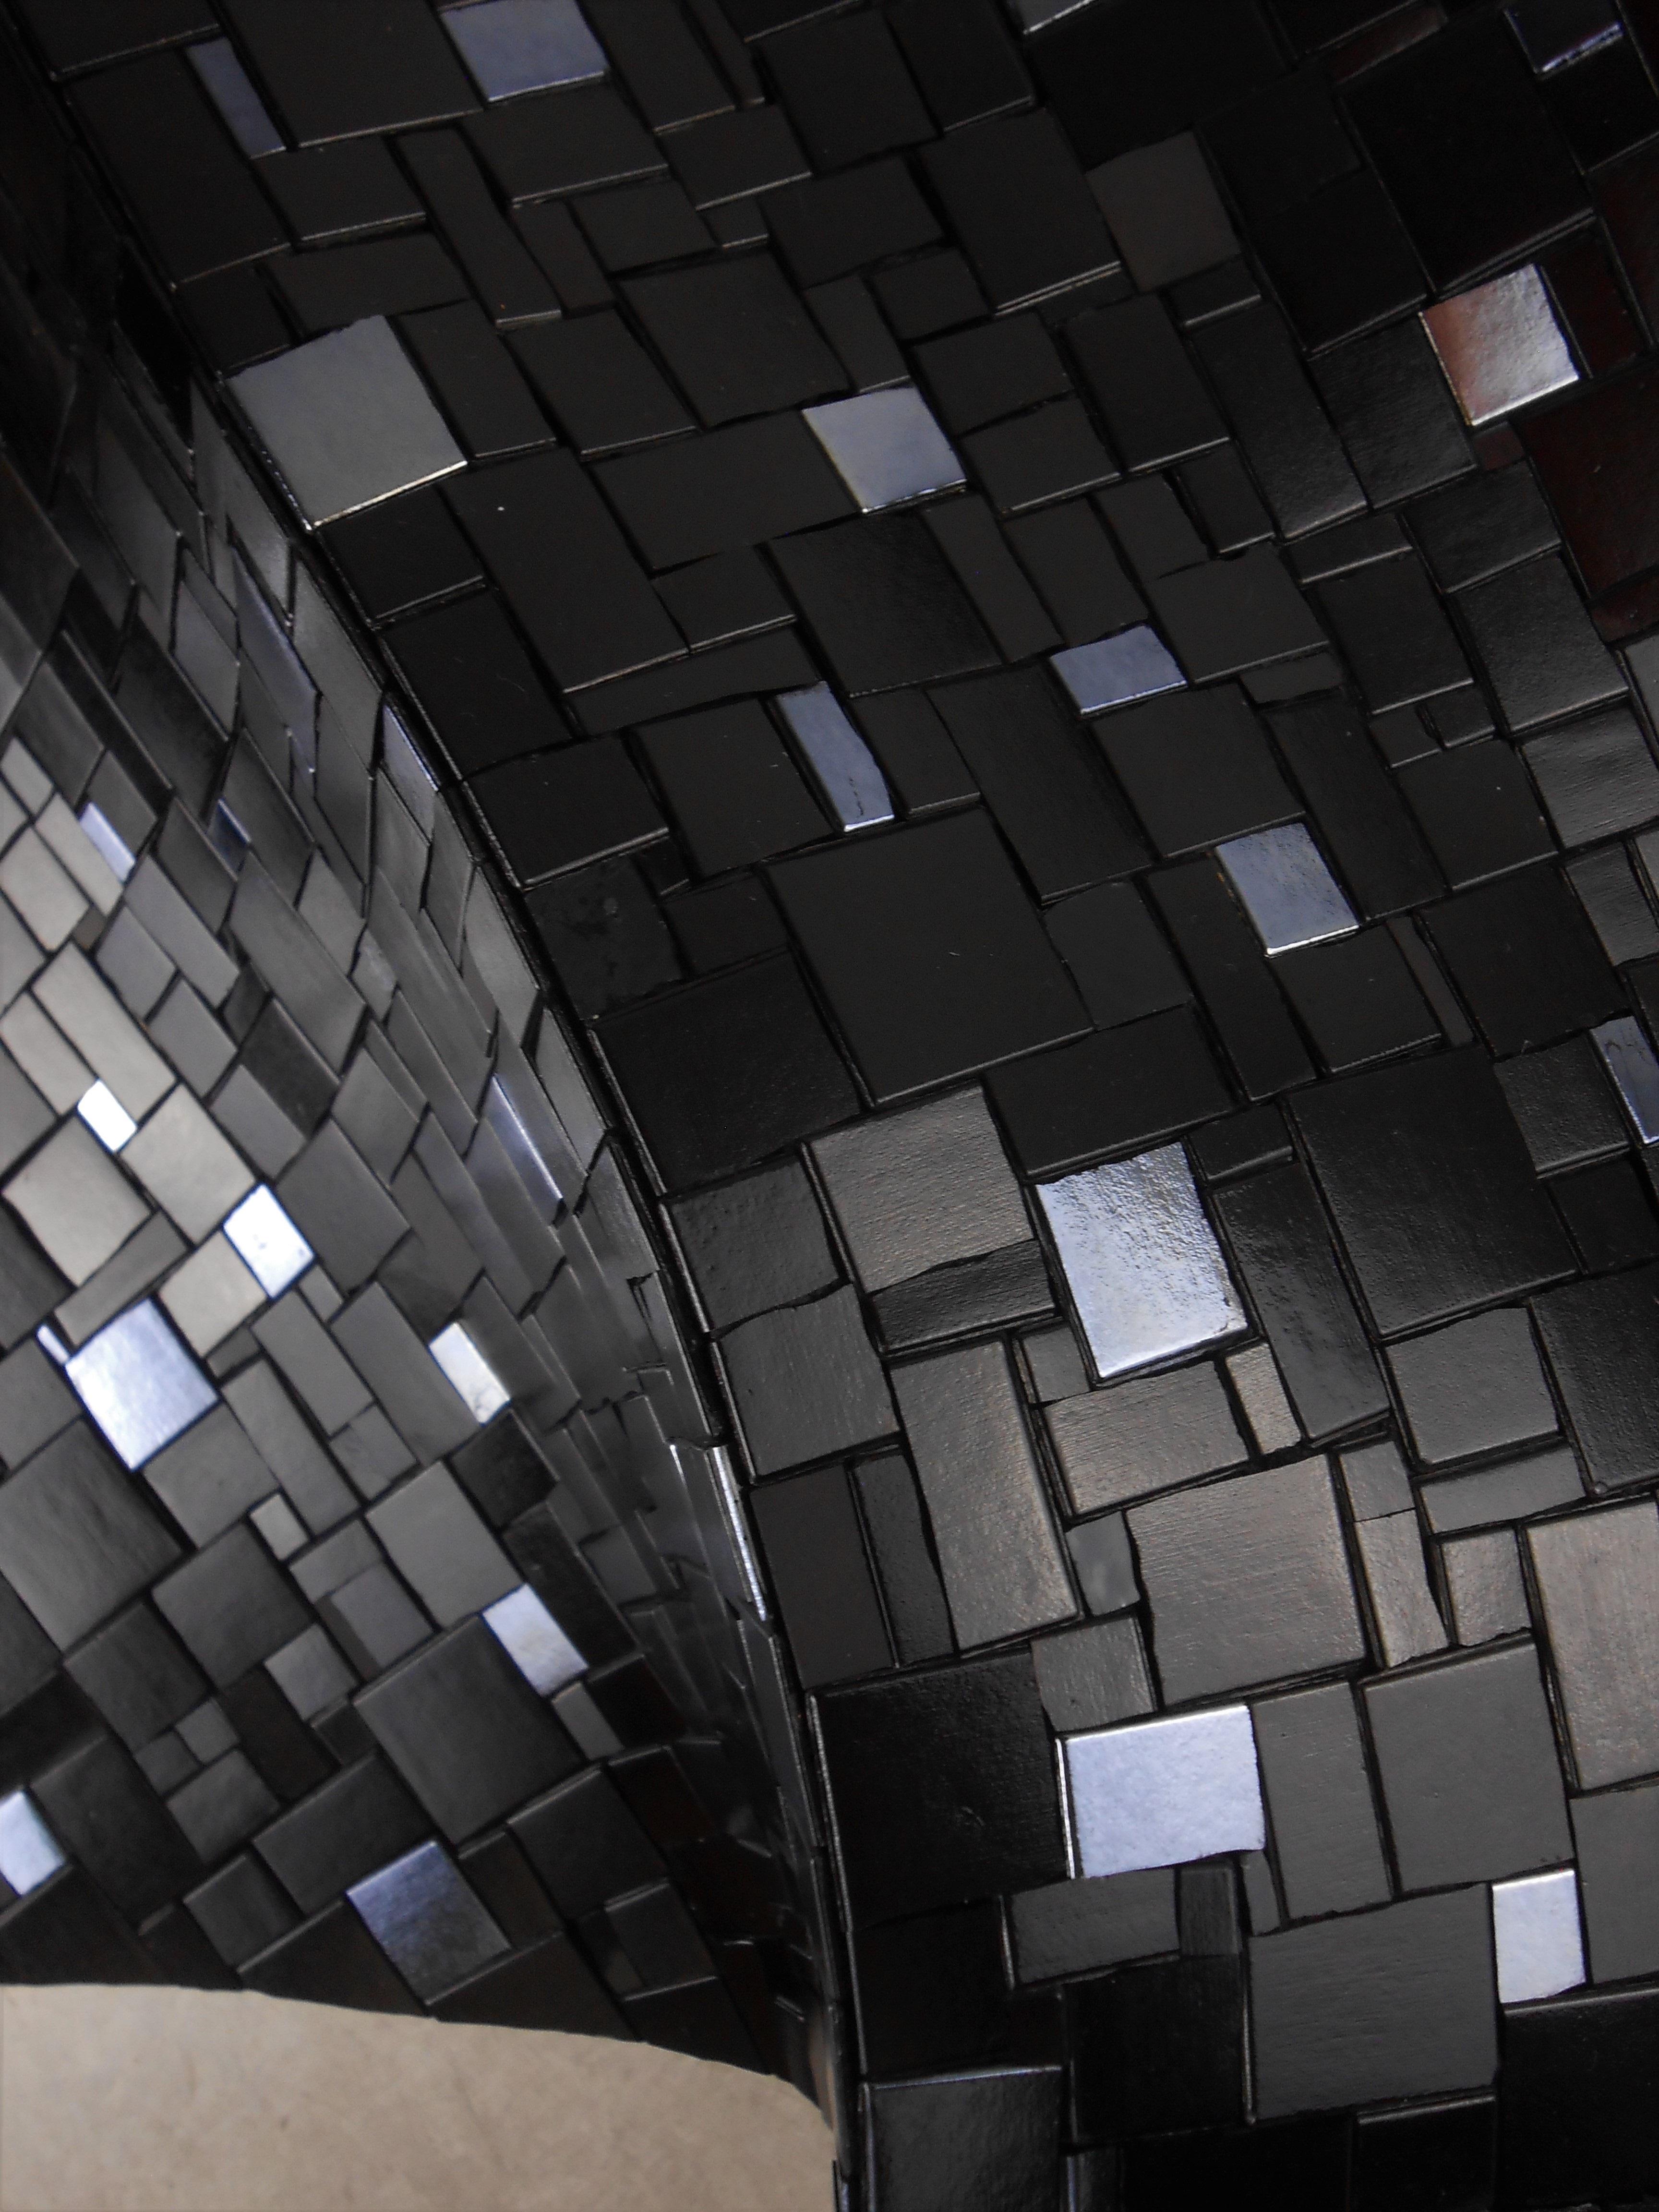 Kuro Piegare 8133 (4) Black Grey Metal P